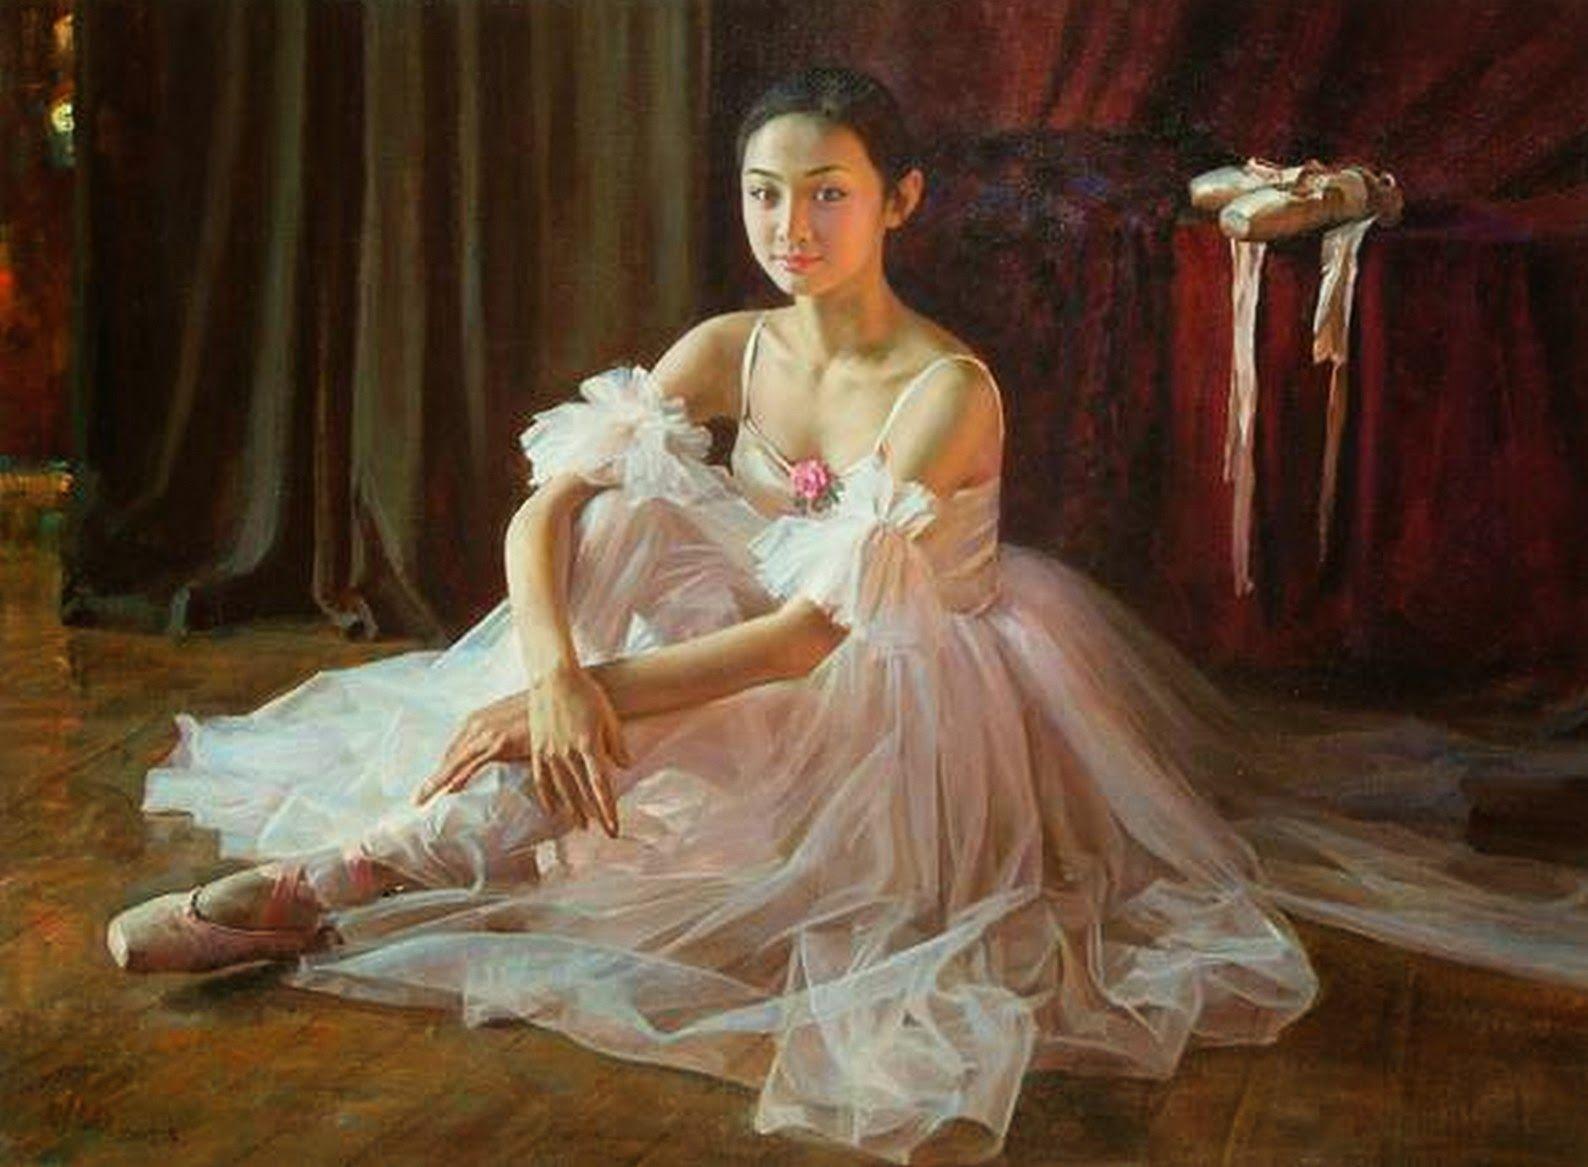 Cuadros infantiles bailarinas ballet pintura y - Cuadros bailarinas infantiles ...